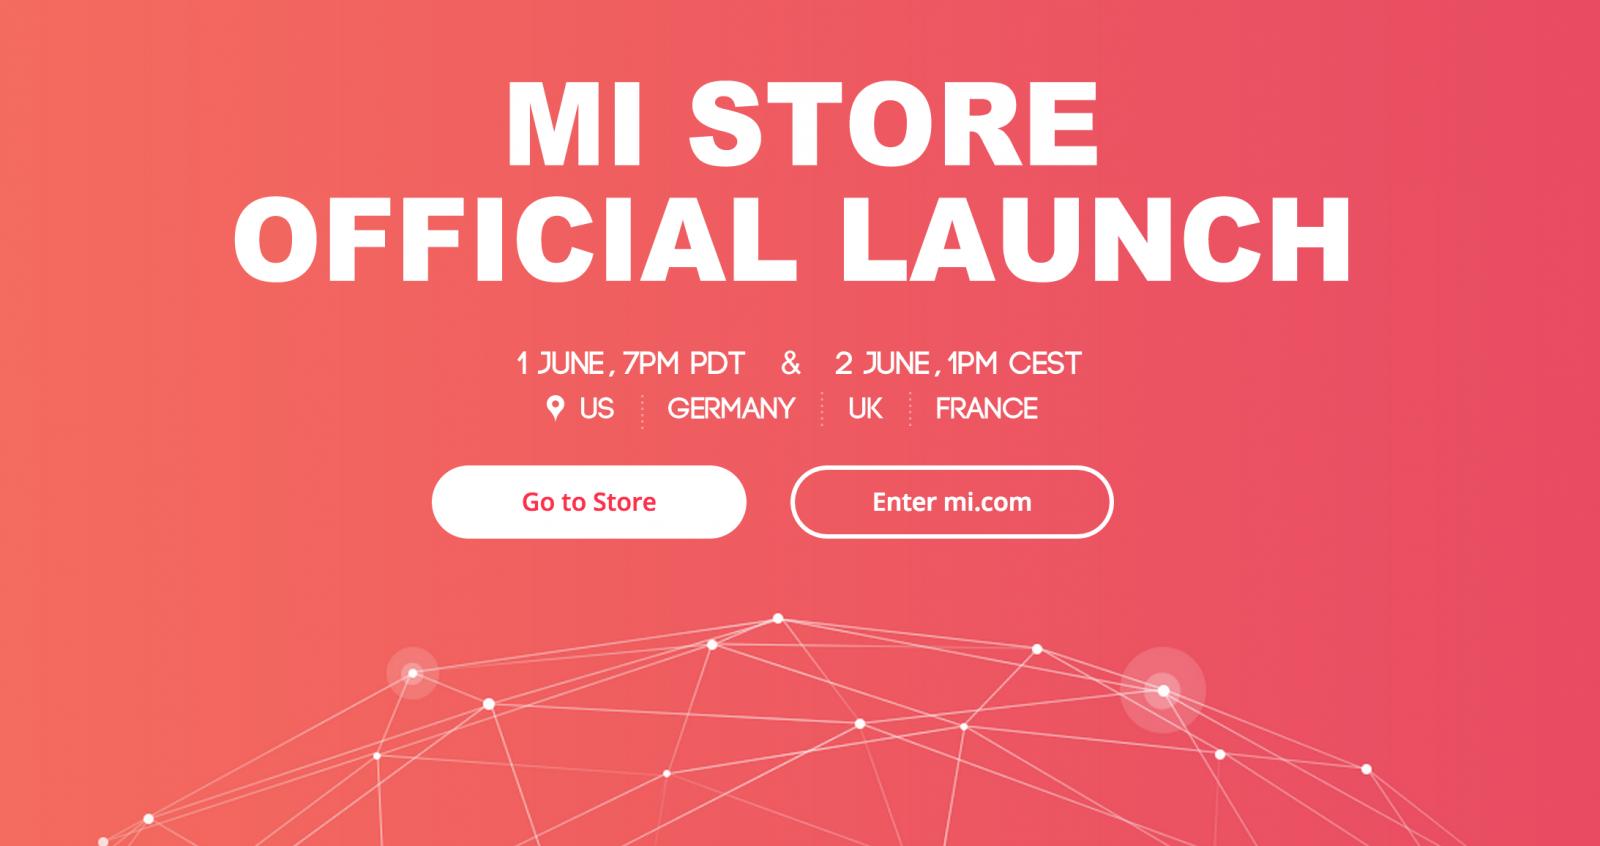 Xiaomi US UK stores launching